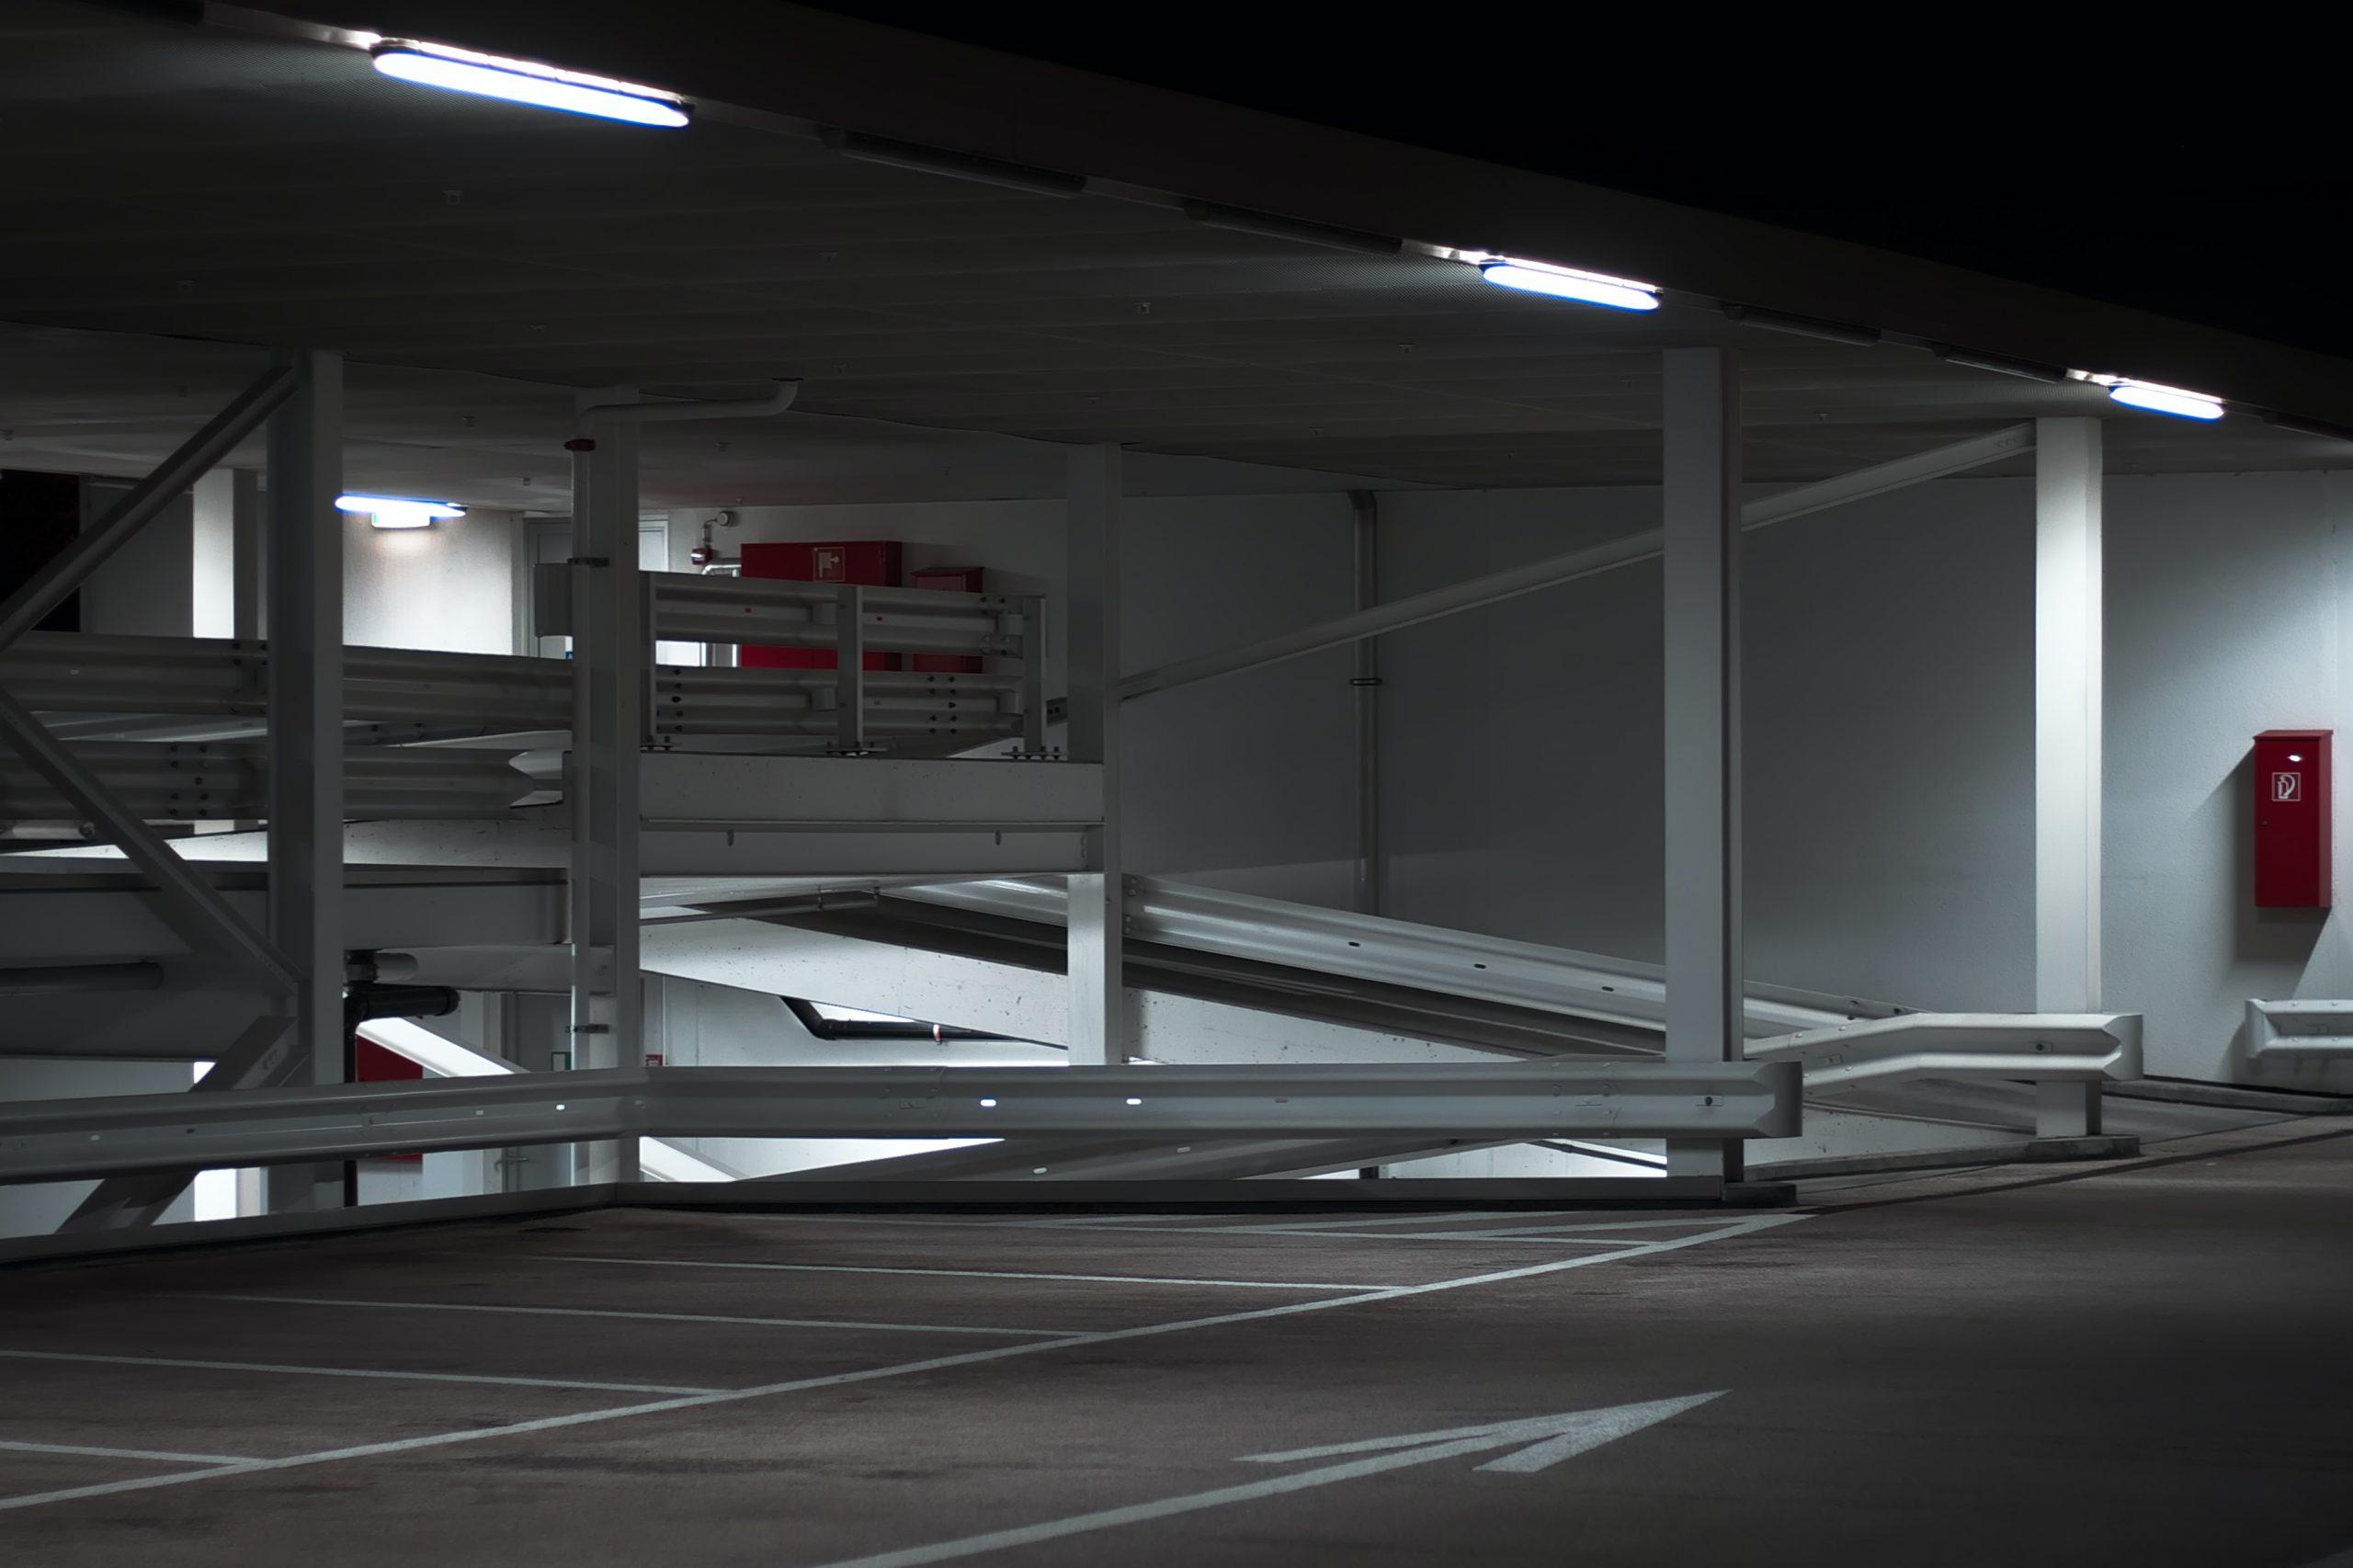 Установить датчики парковки